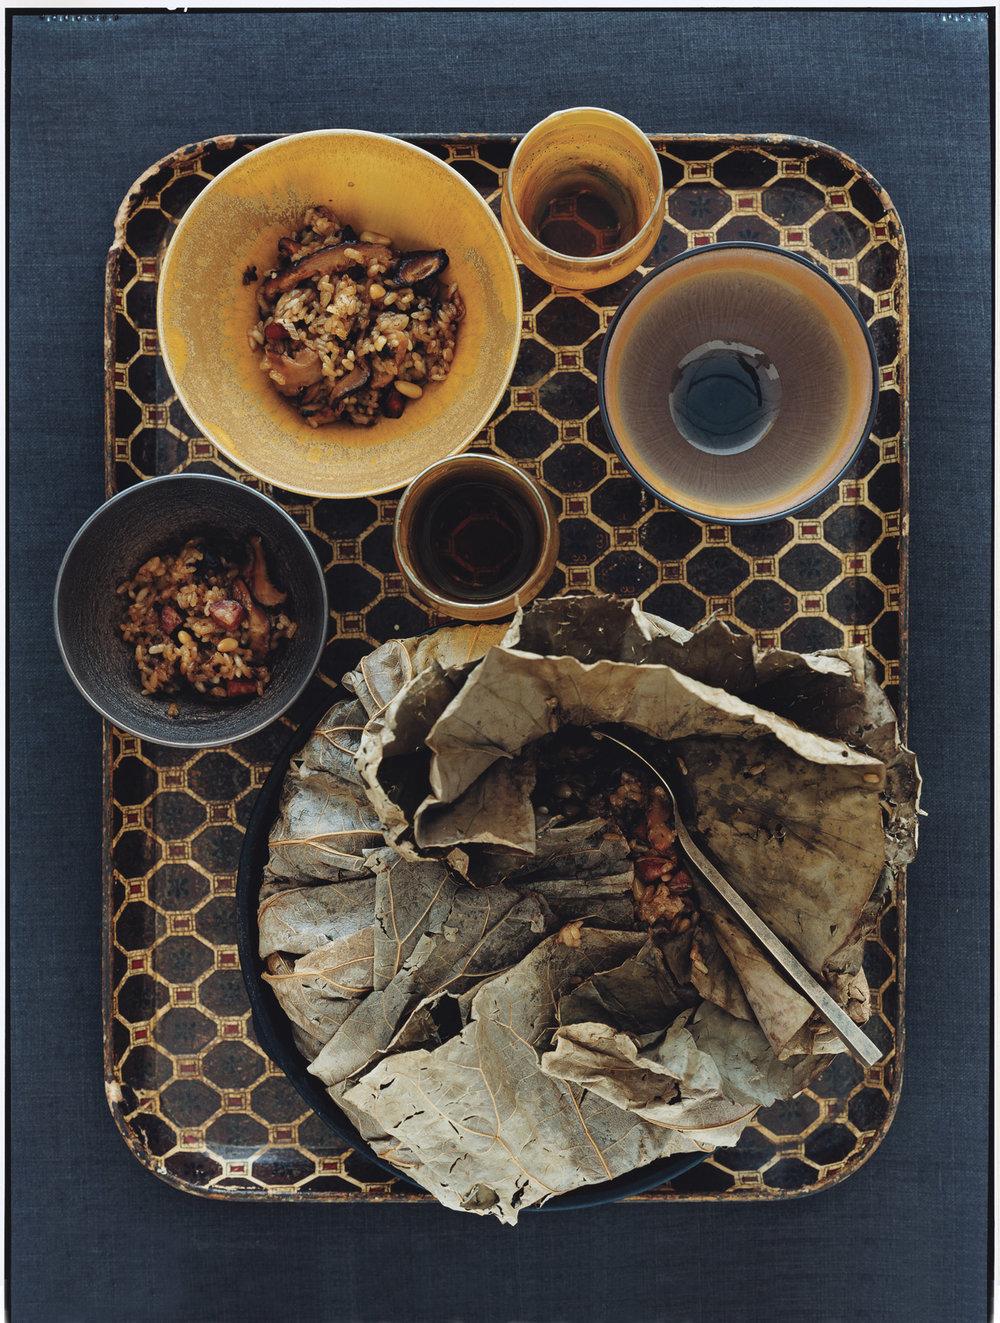 RG-007_0529-Gourmet.jpg